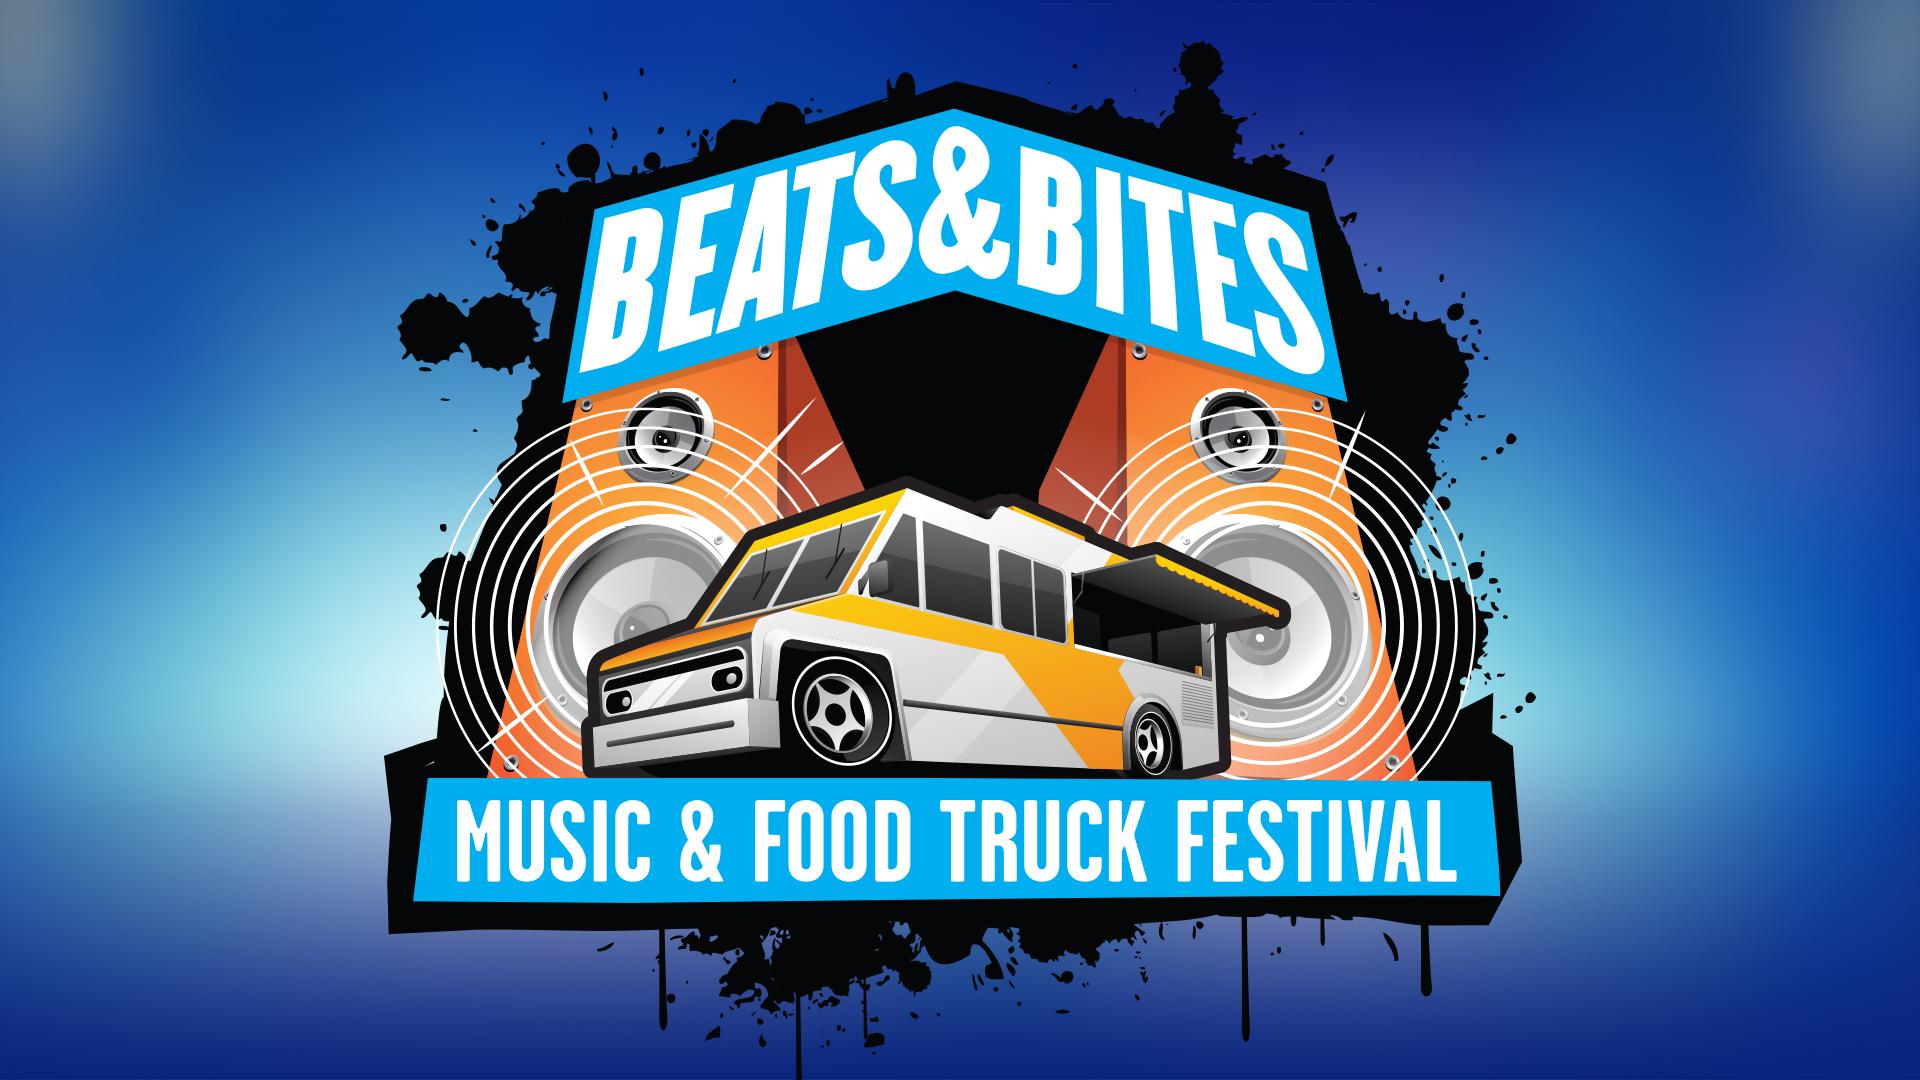 Beats, Bites & Booms